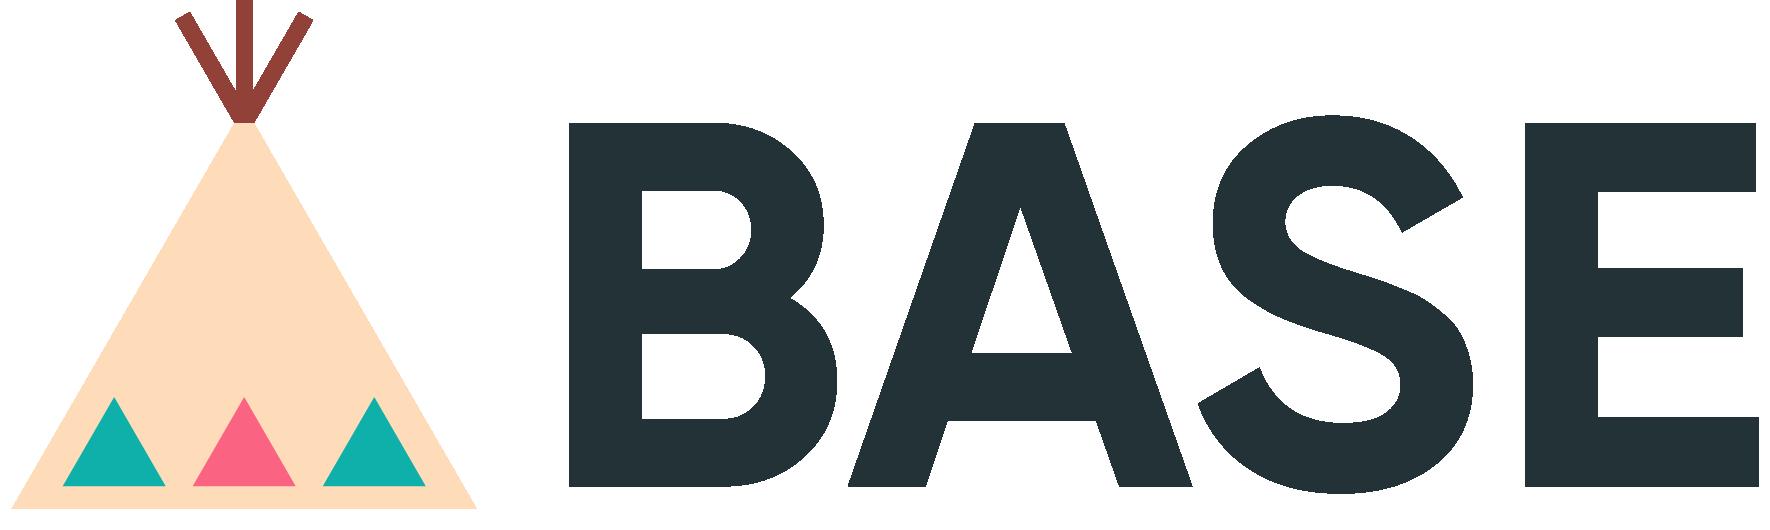 BASEショップロゴ